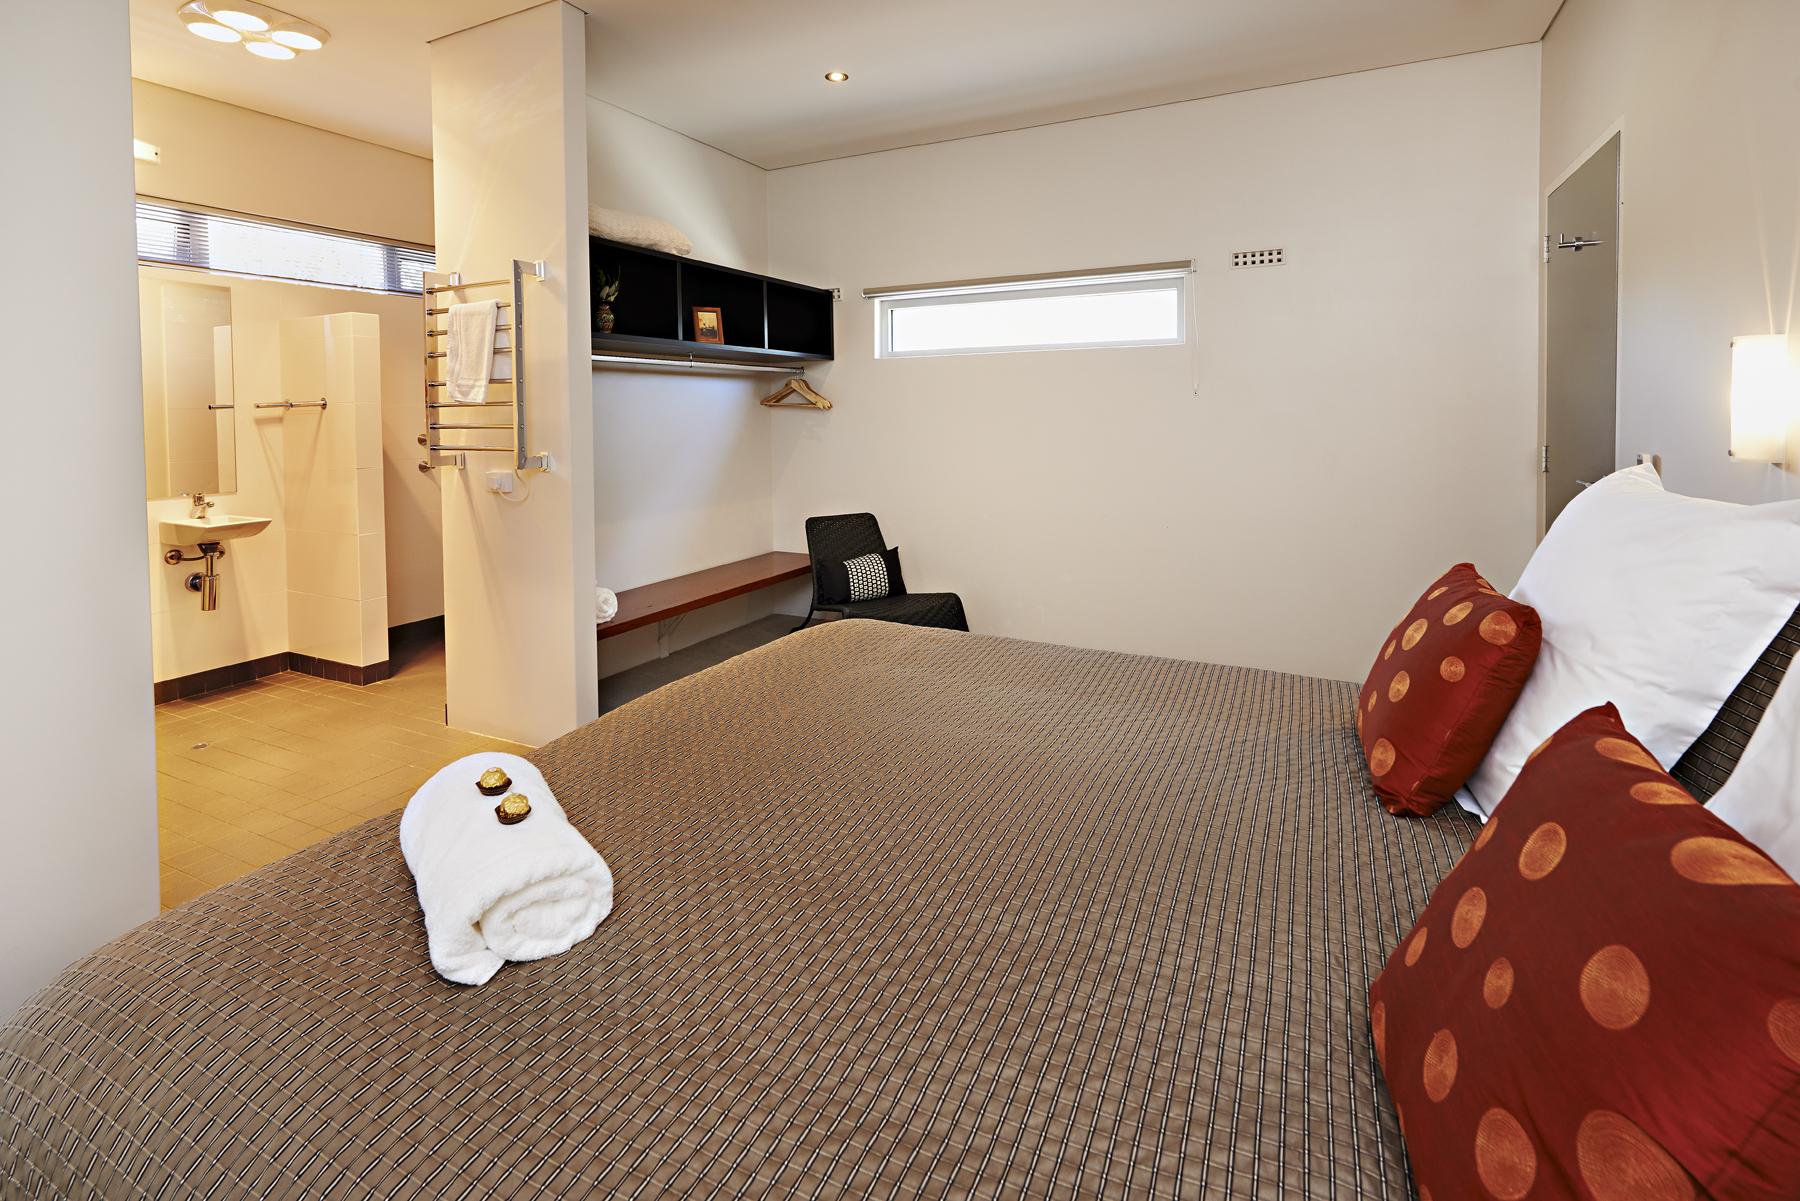 0061 - Hanover Bay Apartments - 05122013.jpg